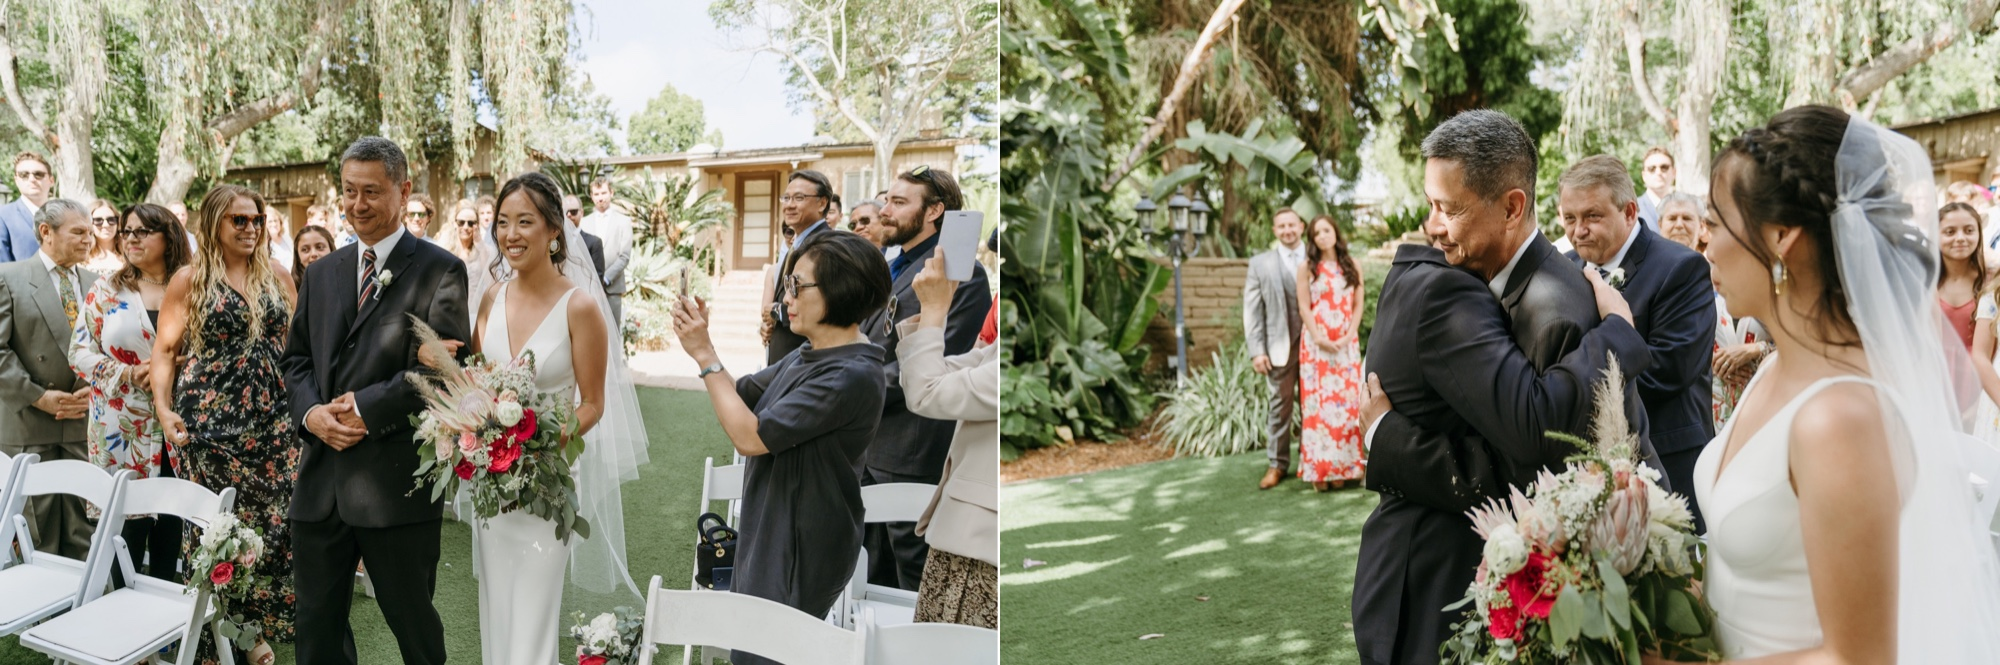 029_Shawna and Steve's Wedding-173_Shawna and Steve's Wedding-176.jpg